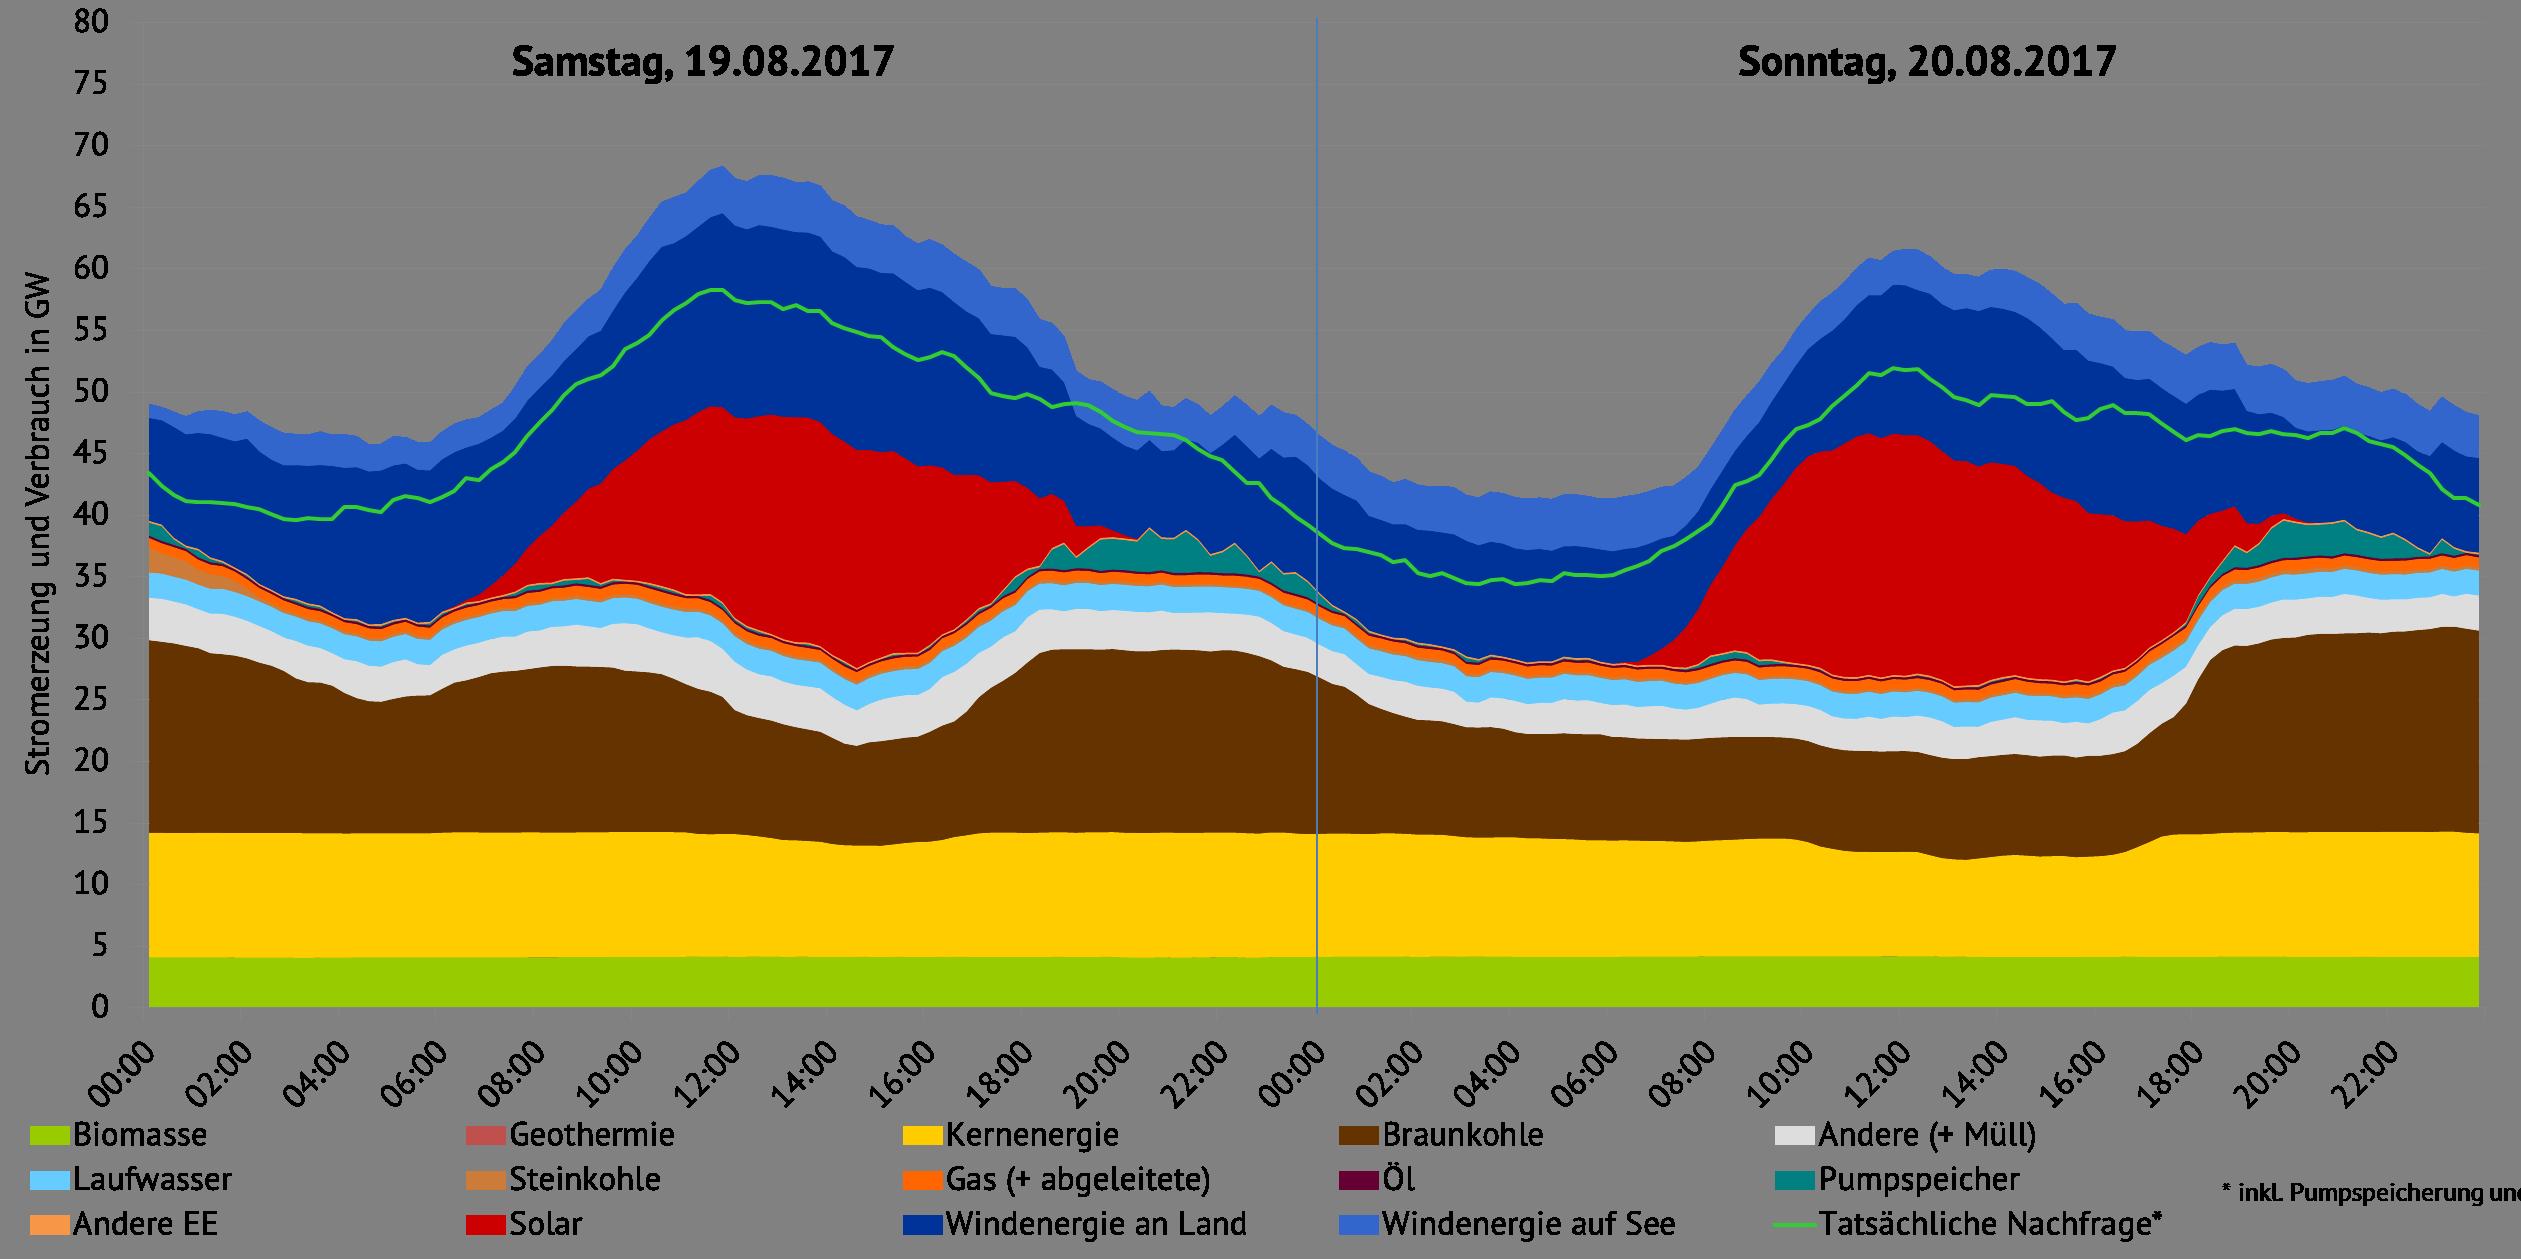 Stromerzeugung und -nachfrage in Deutschland, Quelle: ENTSO-E Transparency, eigene Darstellung